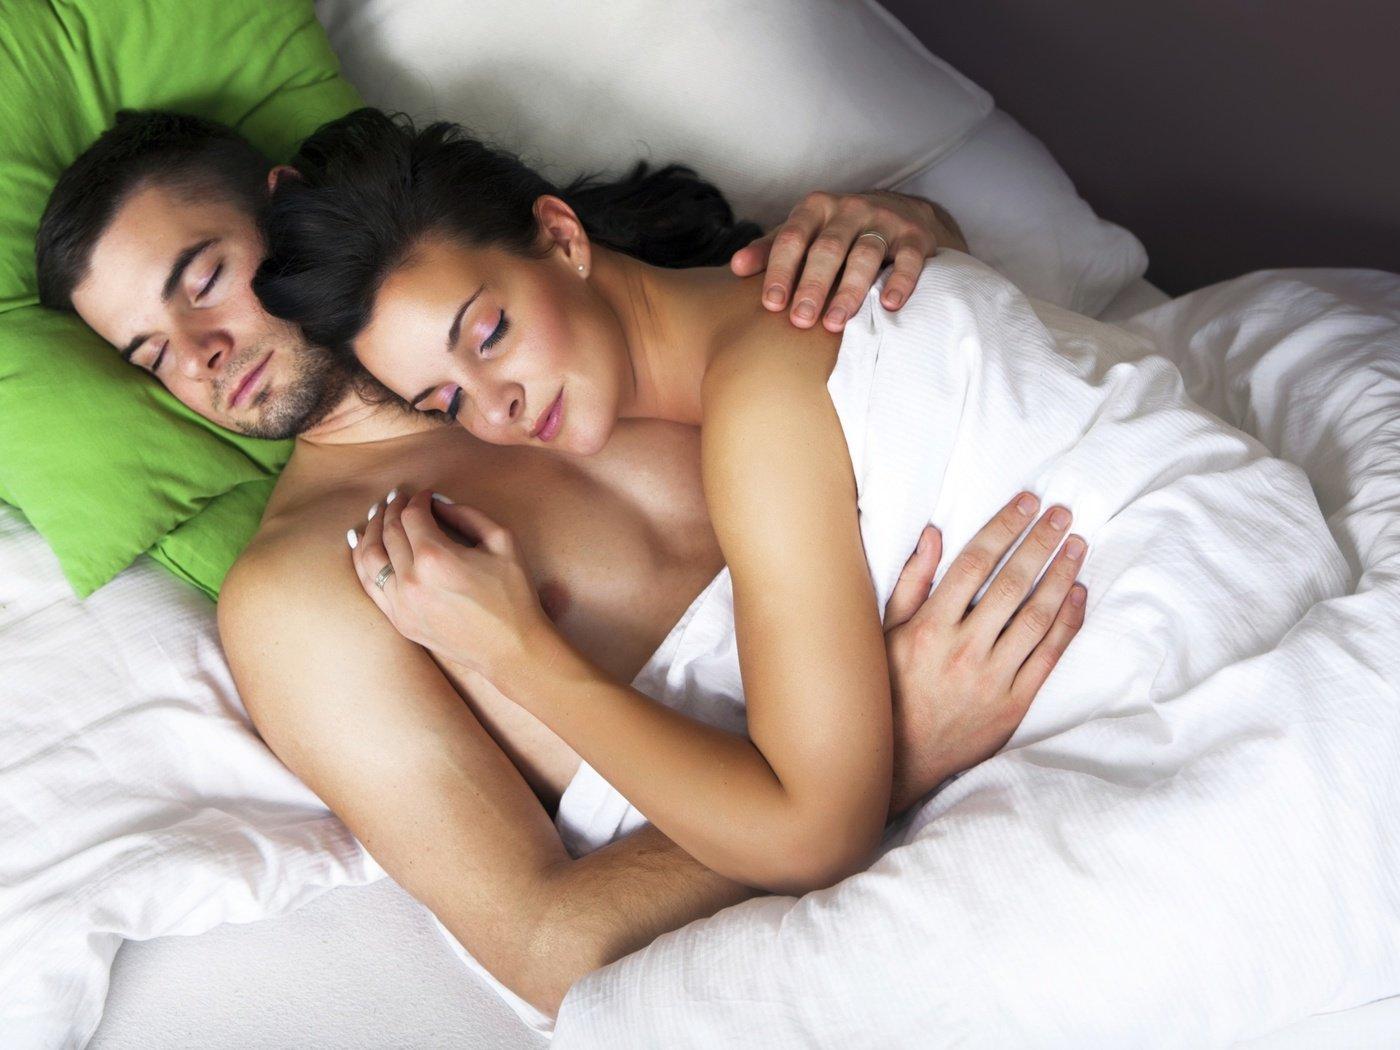 Парень в кровати девушки индивидуалки костромы